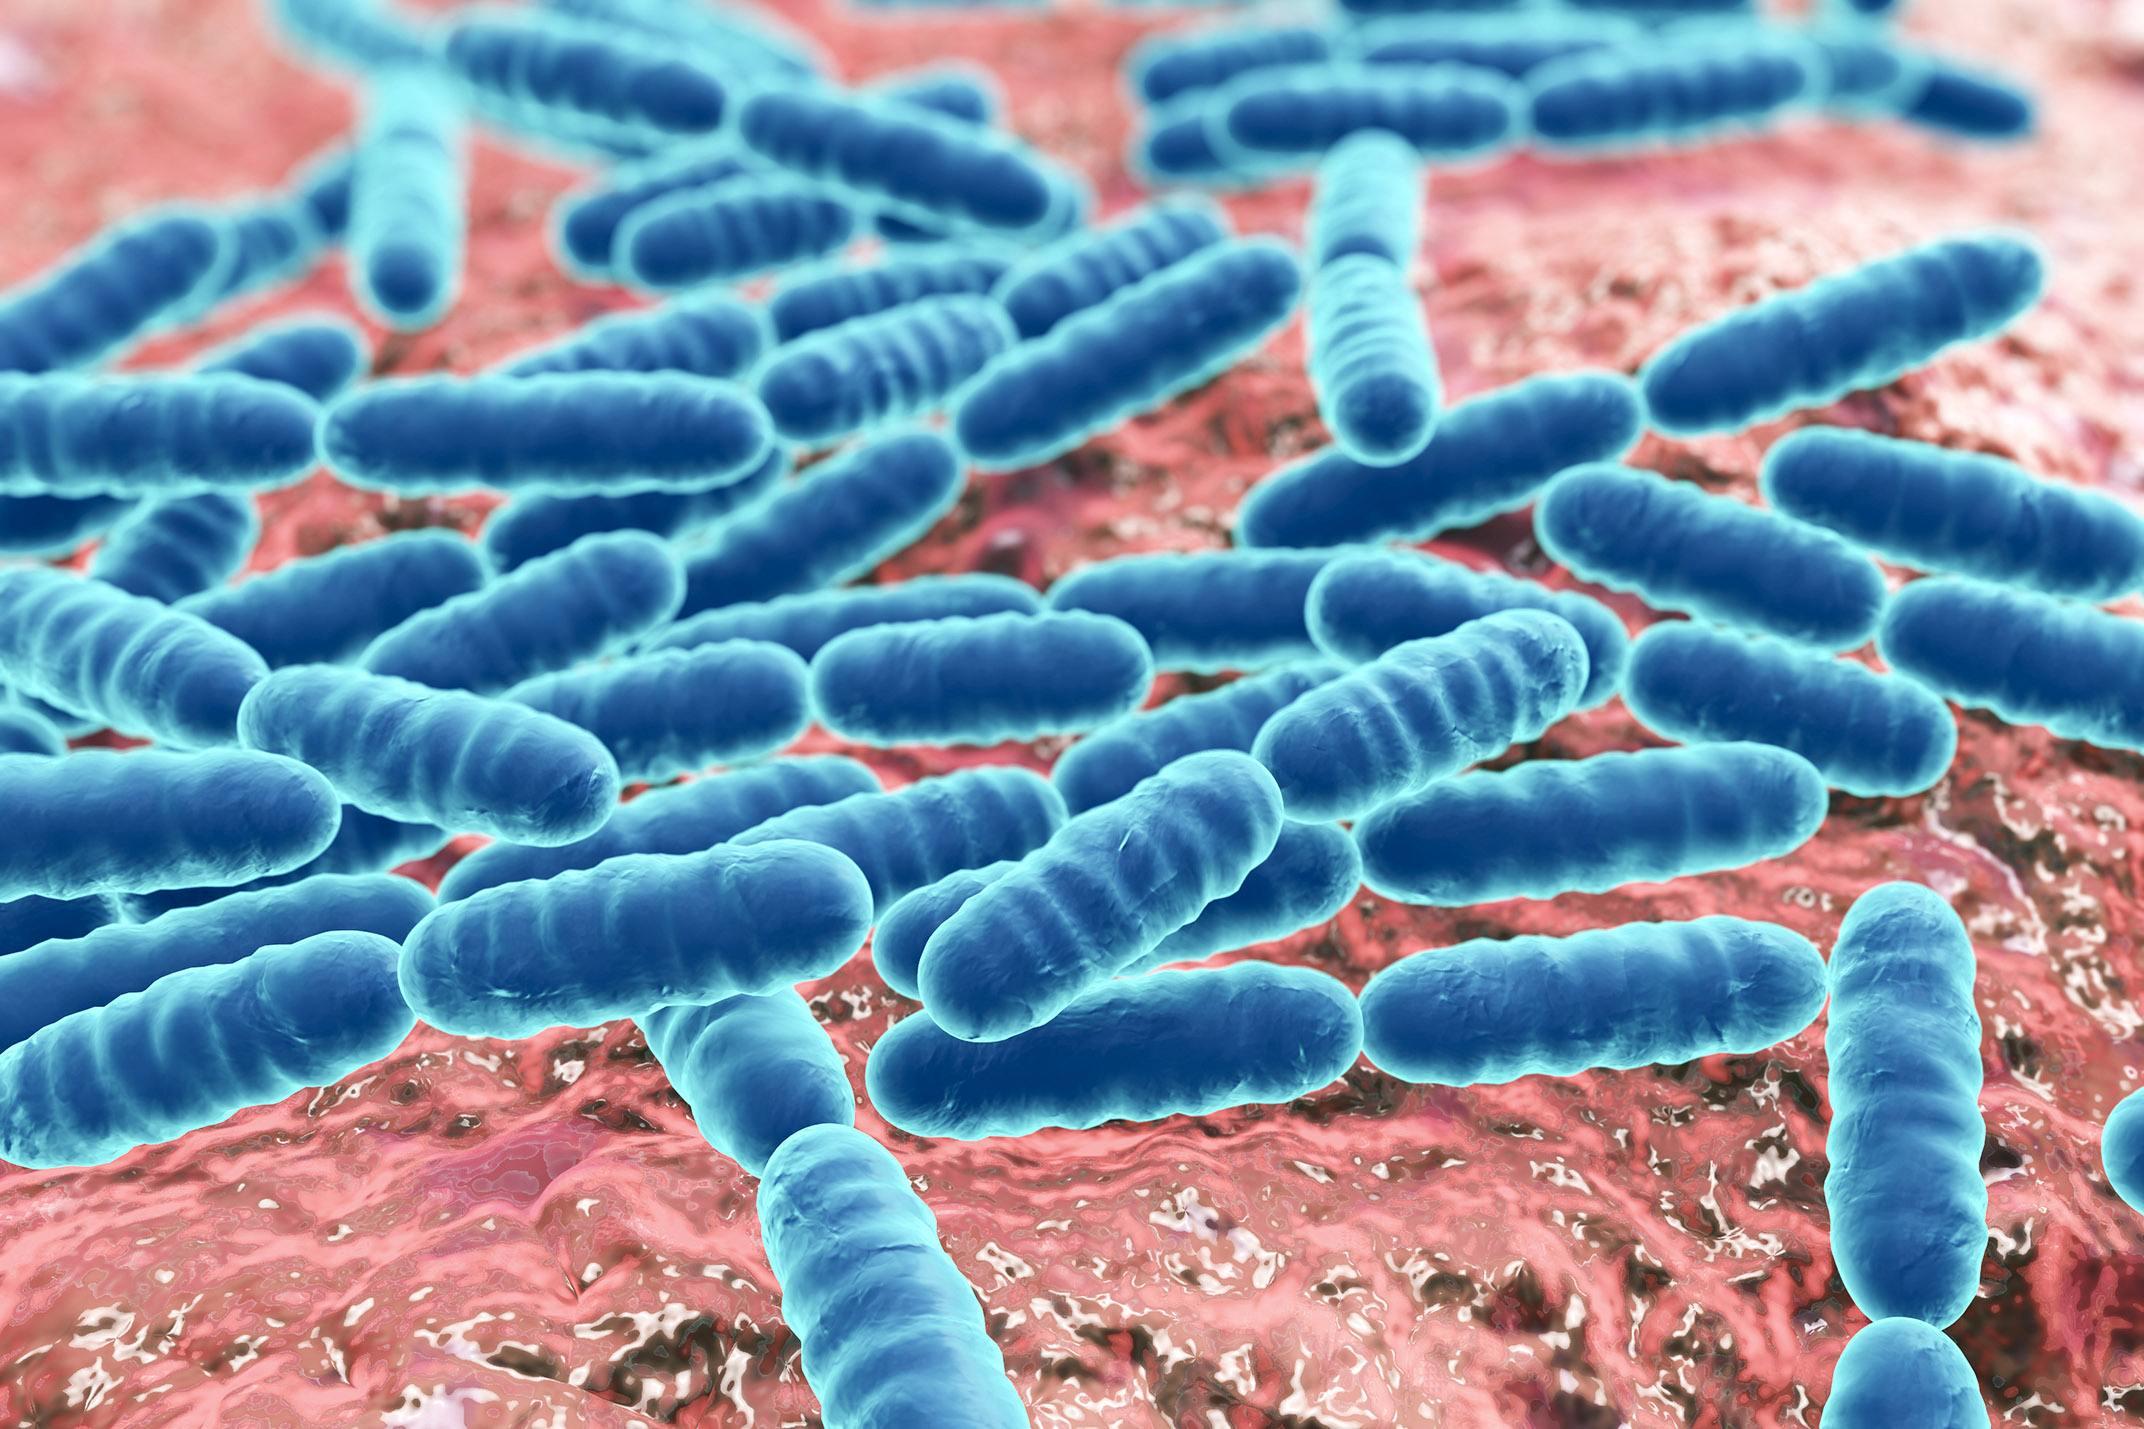 Semelhanças entre Lactobacillus casei e paracasei